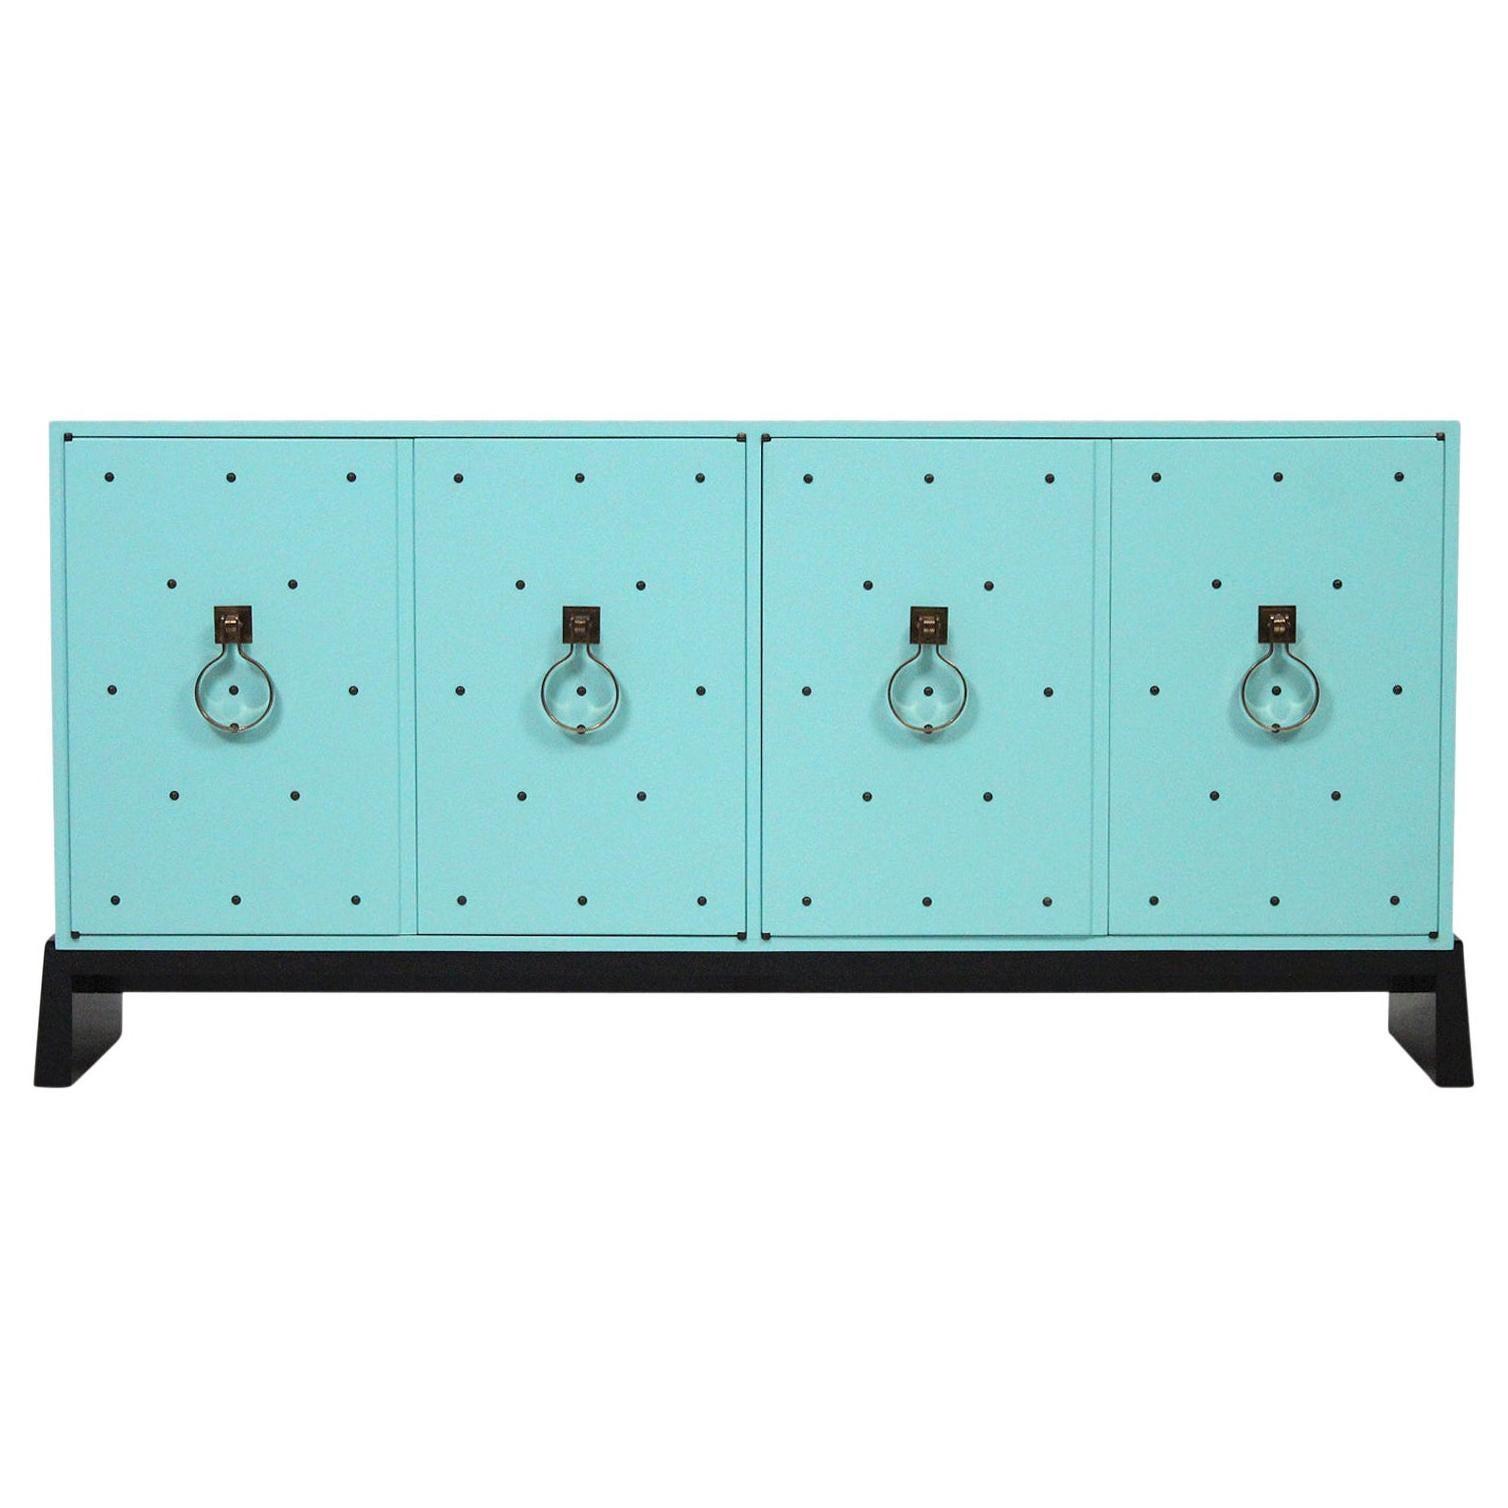 Tommi Parzinger for Parzinger Originals Studded Cabinet